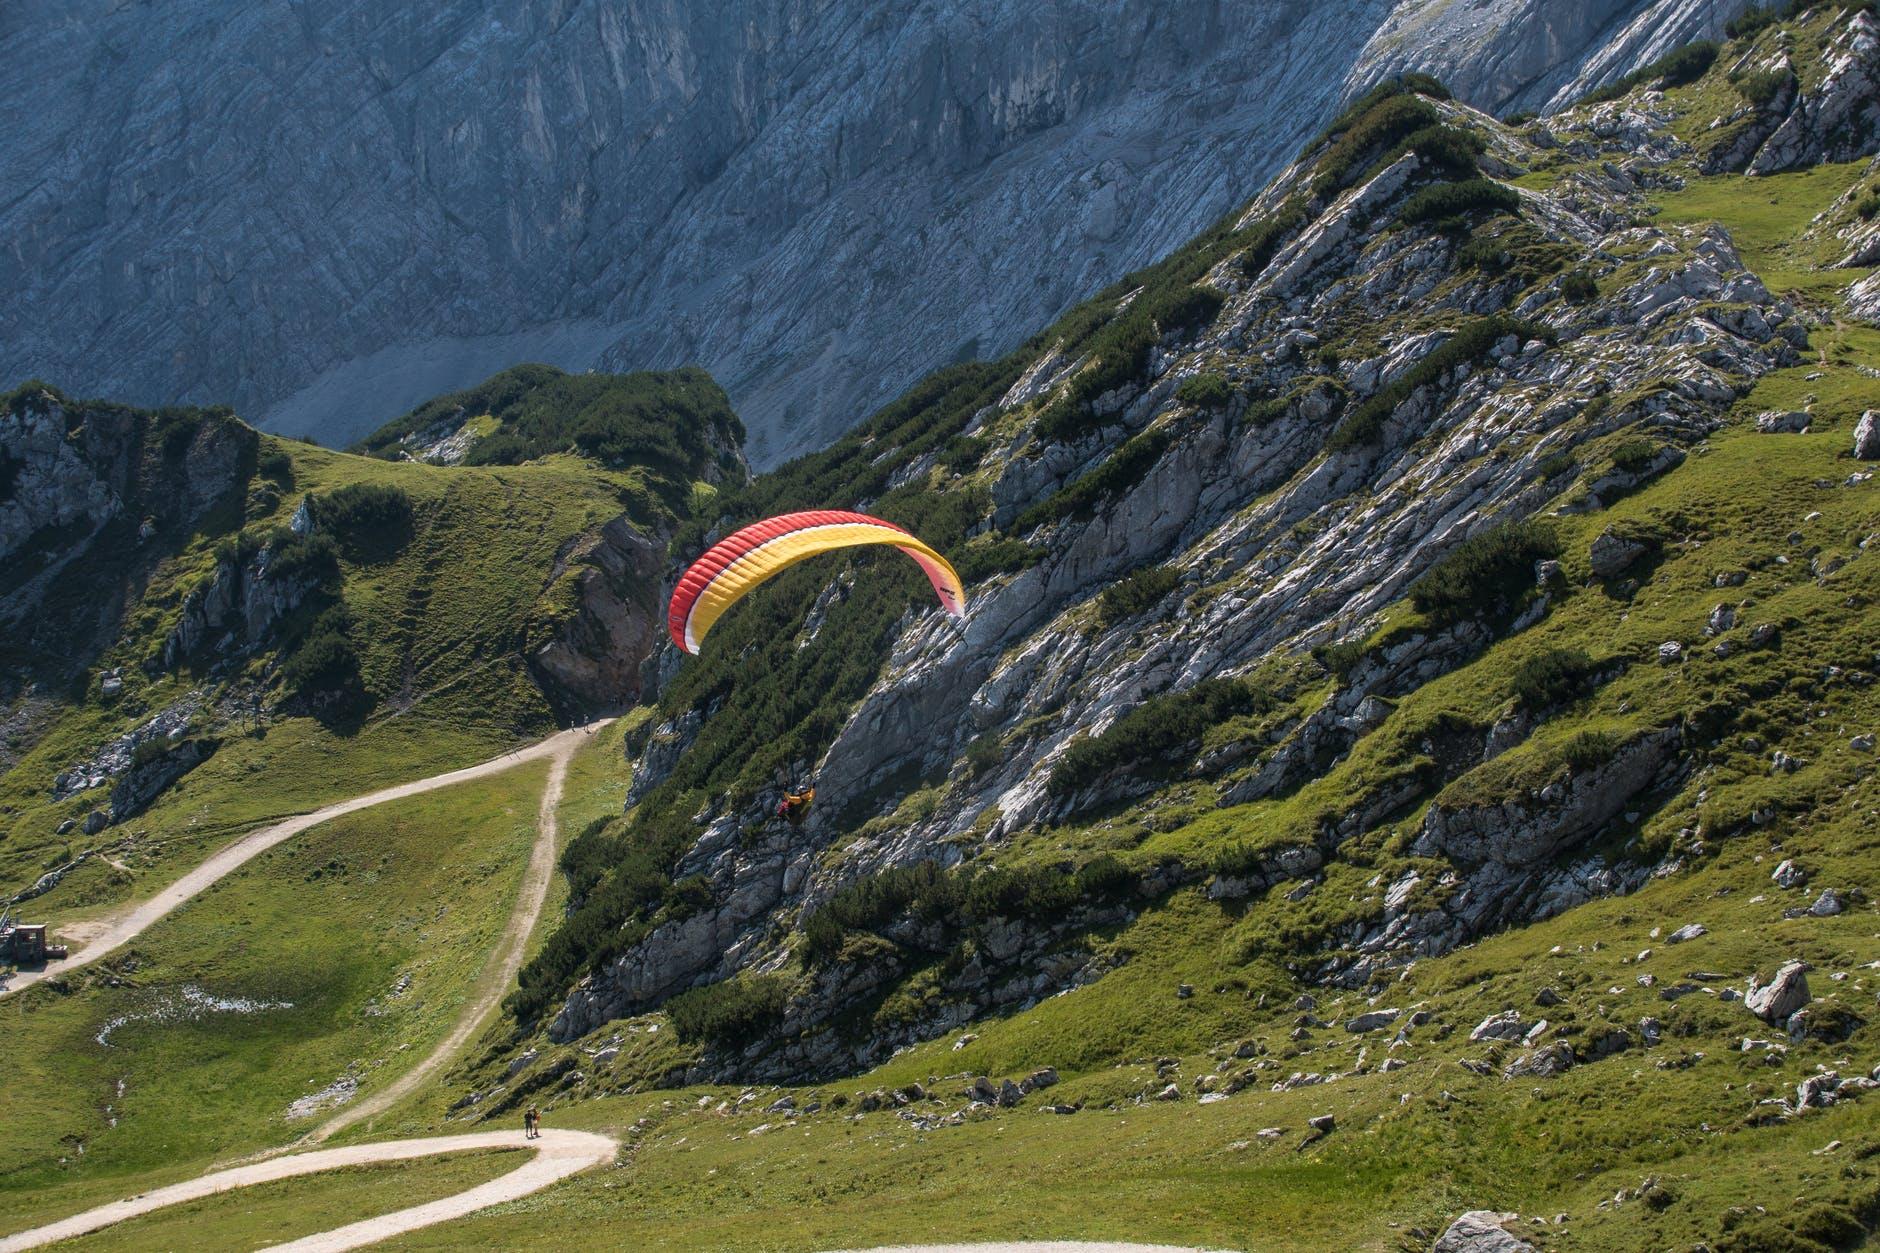 parasailing and zip lining